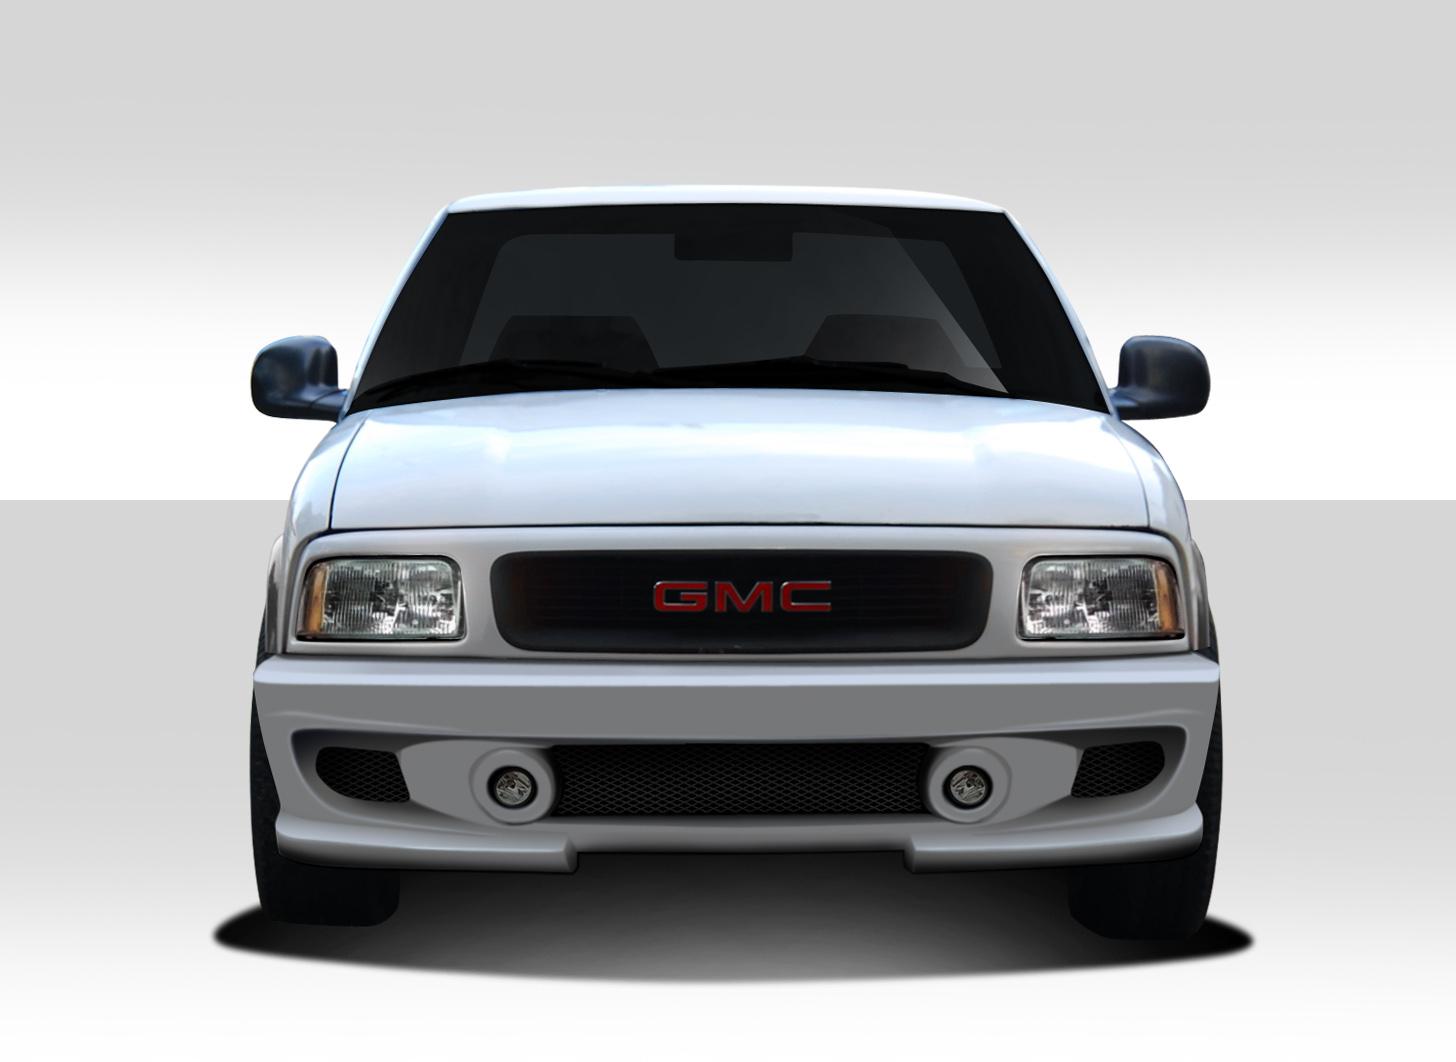 94-97 Chevy S10/Blazer 94-04 GMC Sonoma Duraflex BT-1 Front Bumper ...